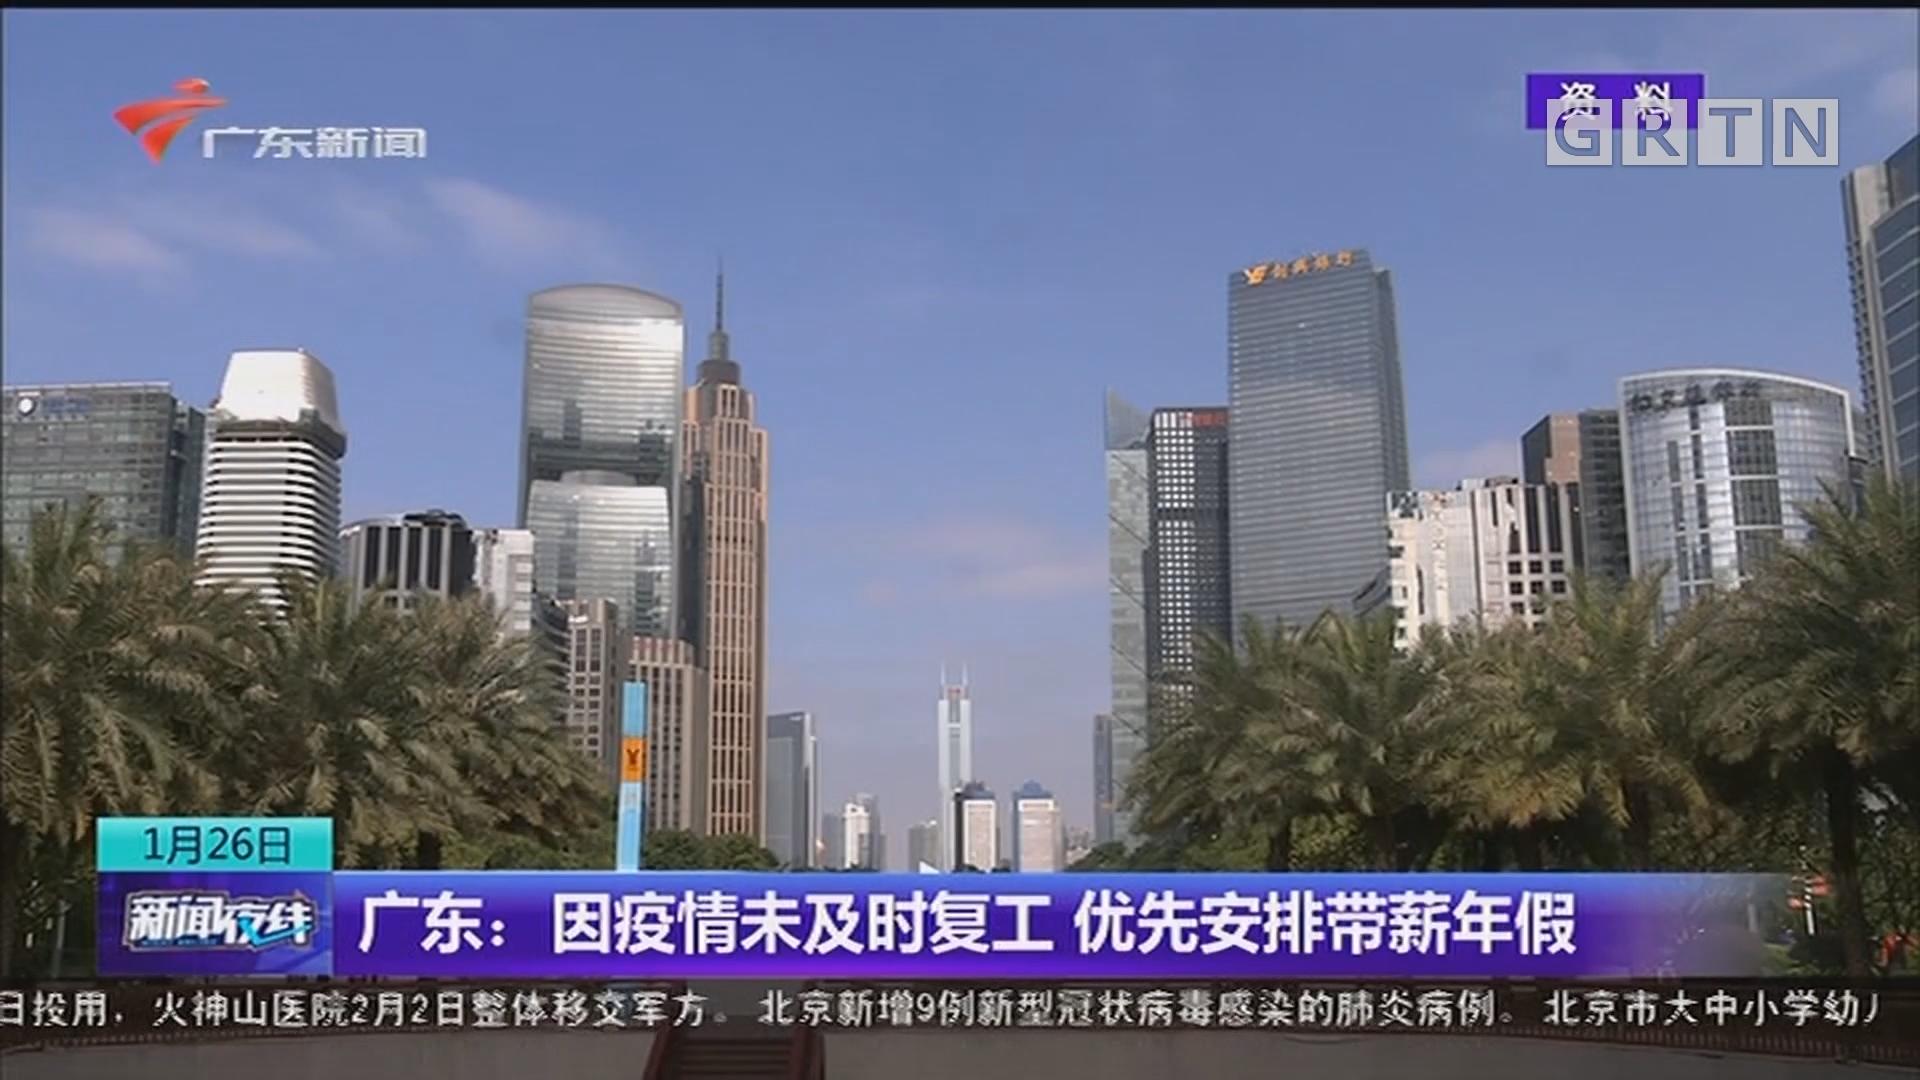 广东:因疫情未及时复工 优先安排带薪年假